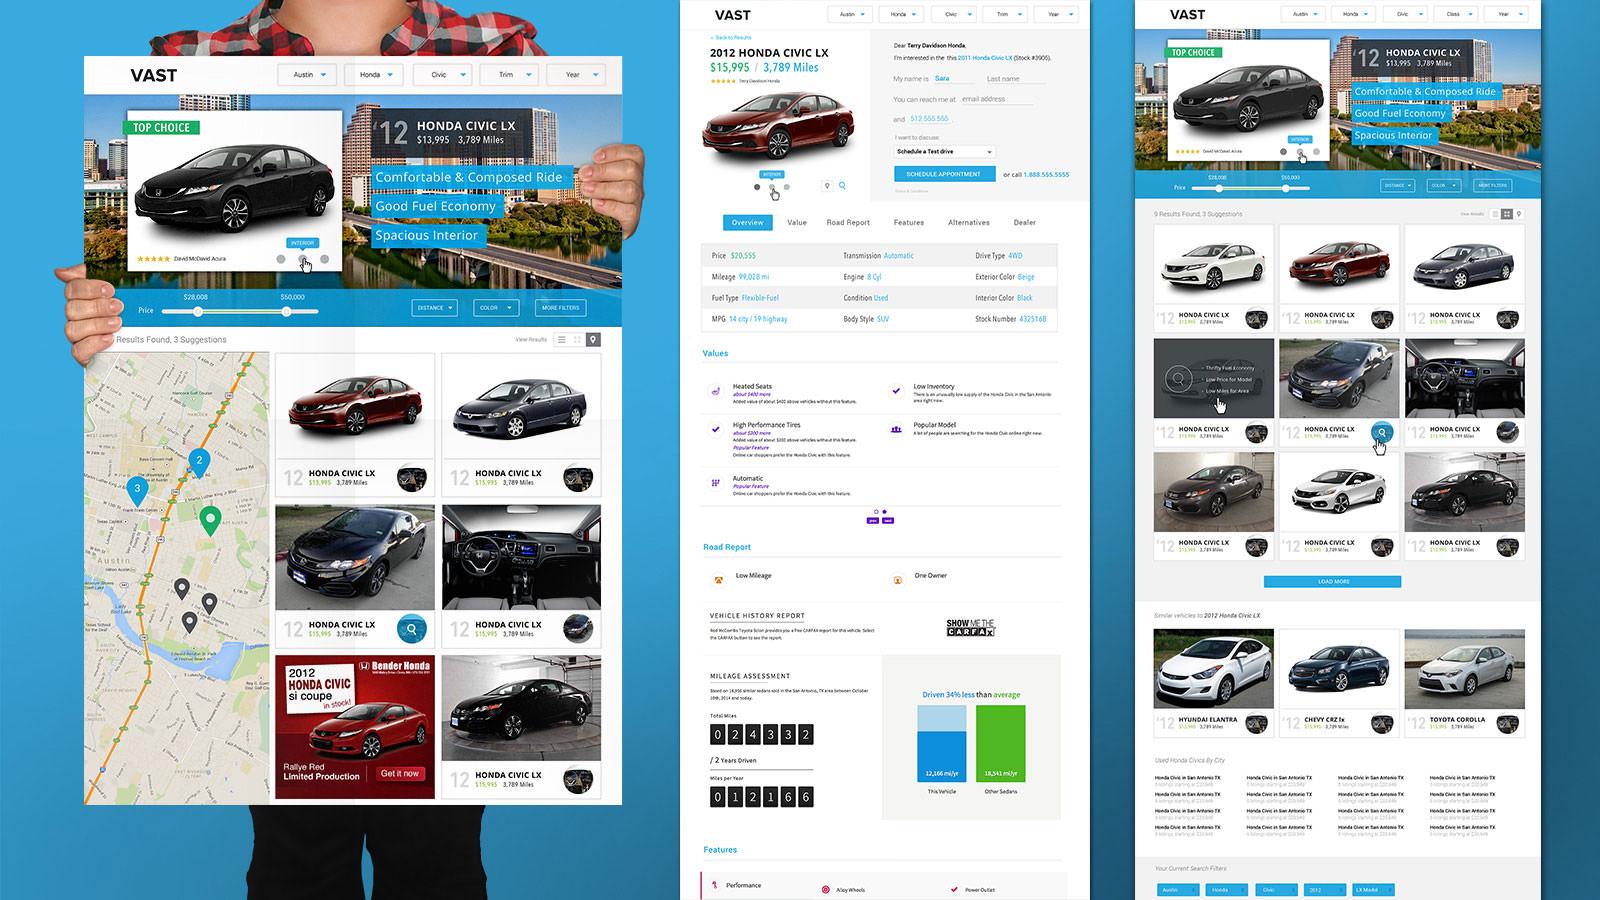 VAST-website-02.jpg